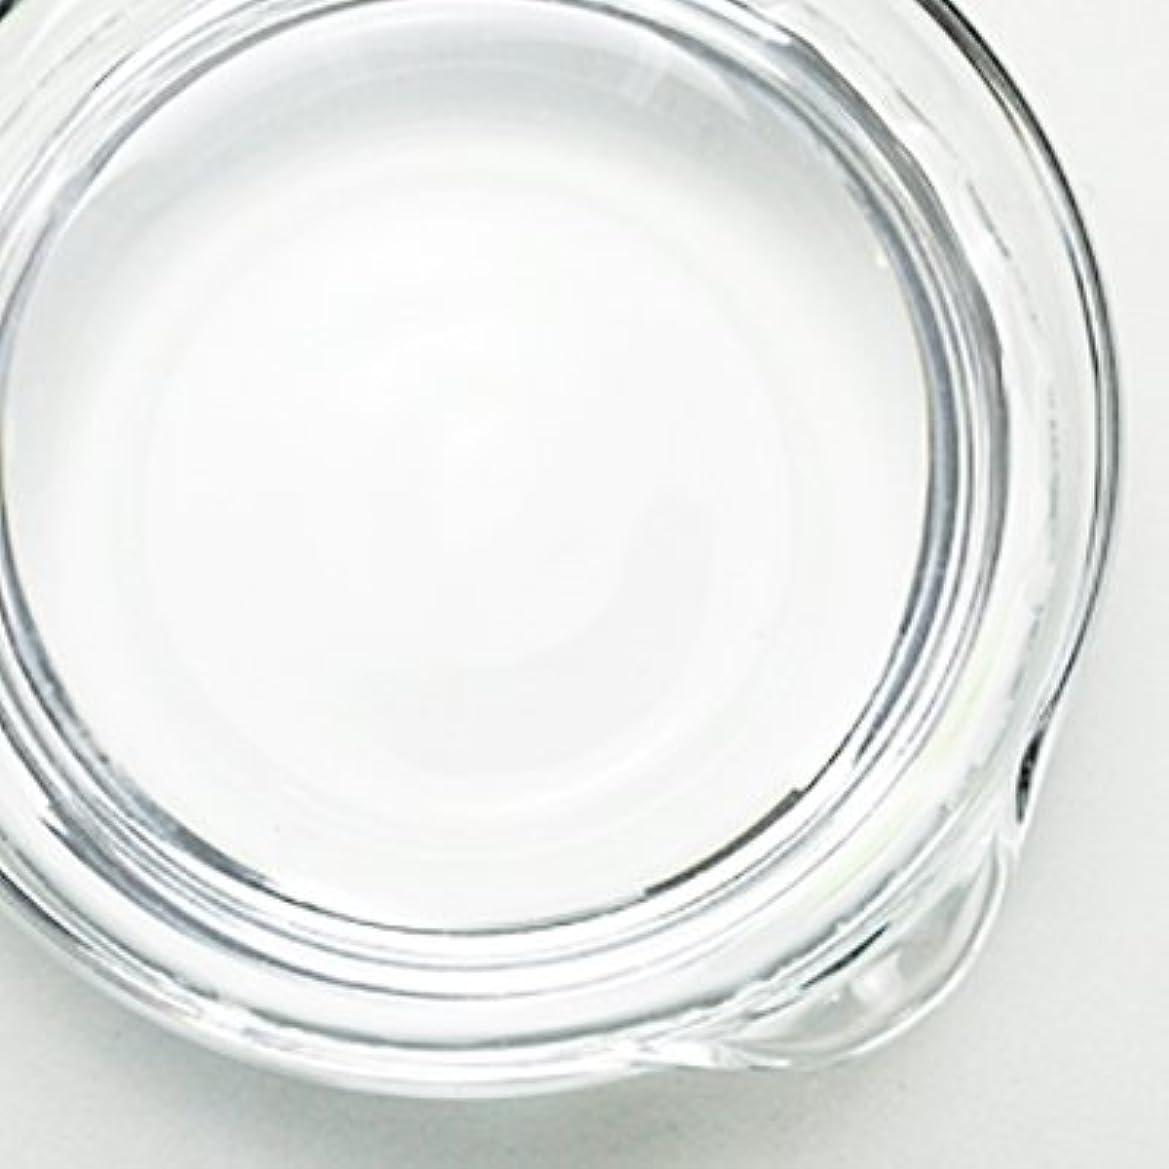 文明満たす暴君1,3-プロパンジオール[PG] 100ml 【手作り石鹸/手作りコスメ】